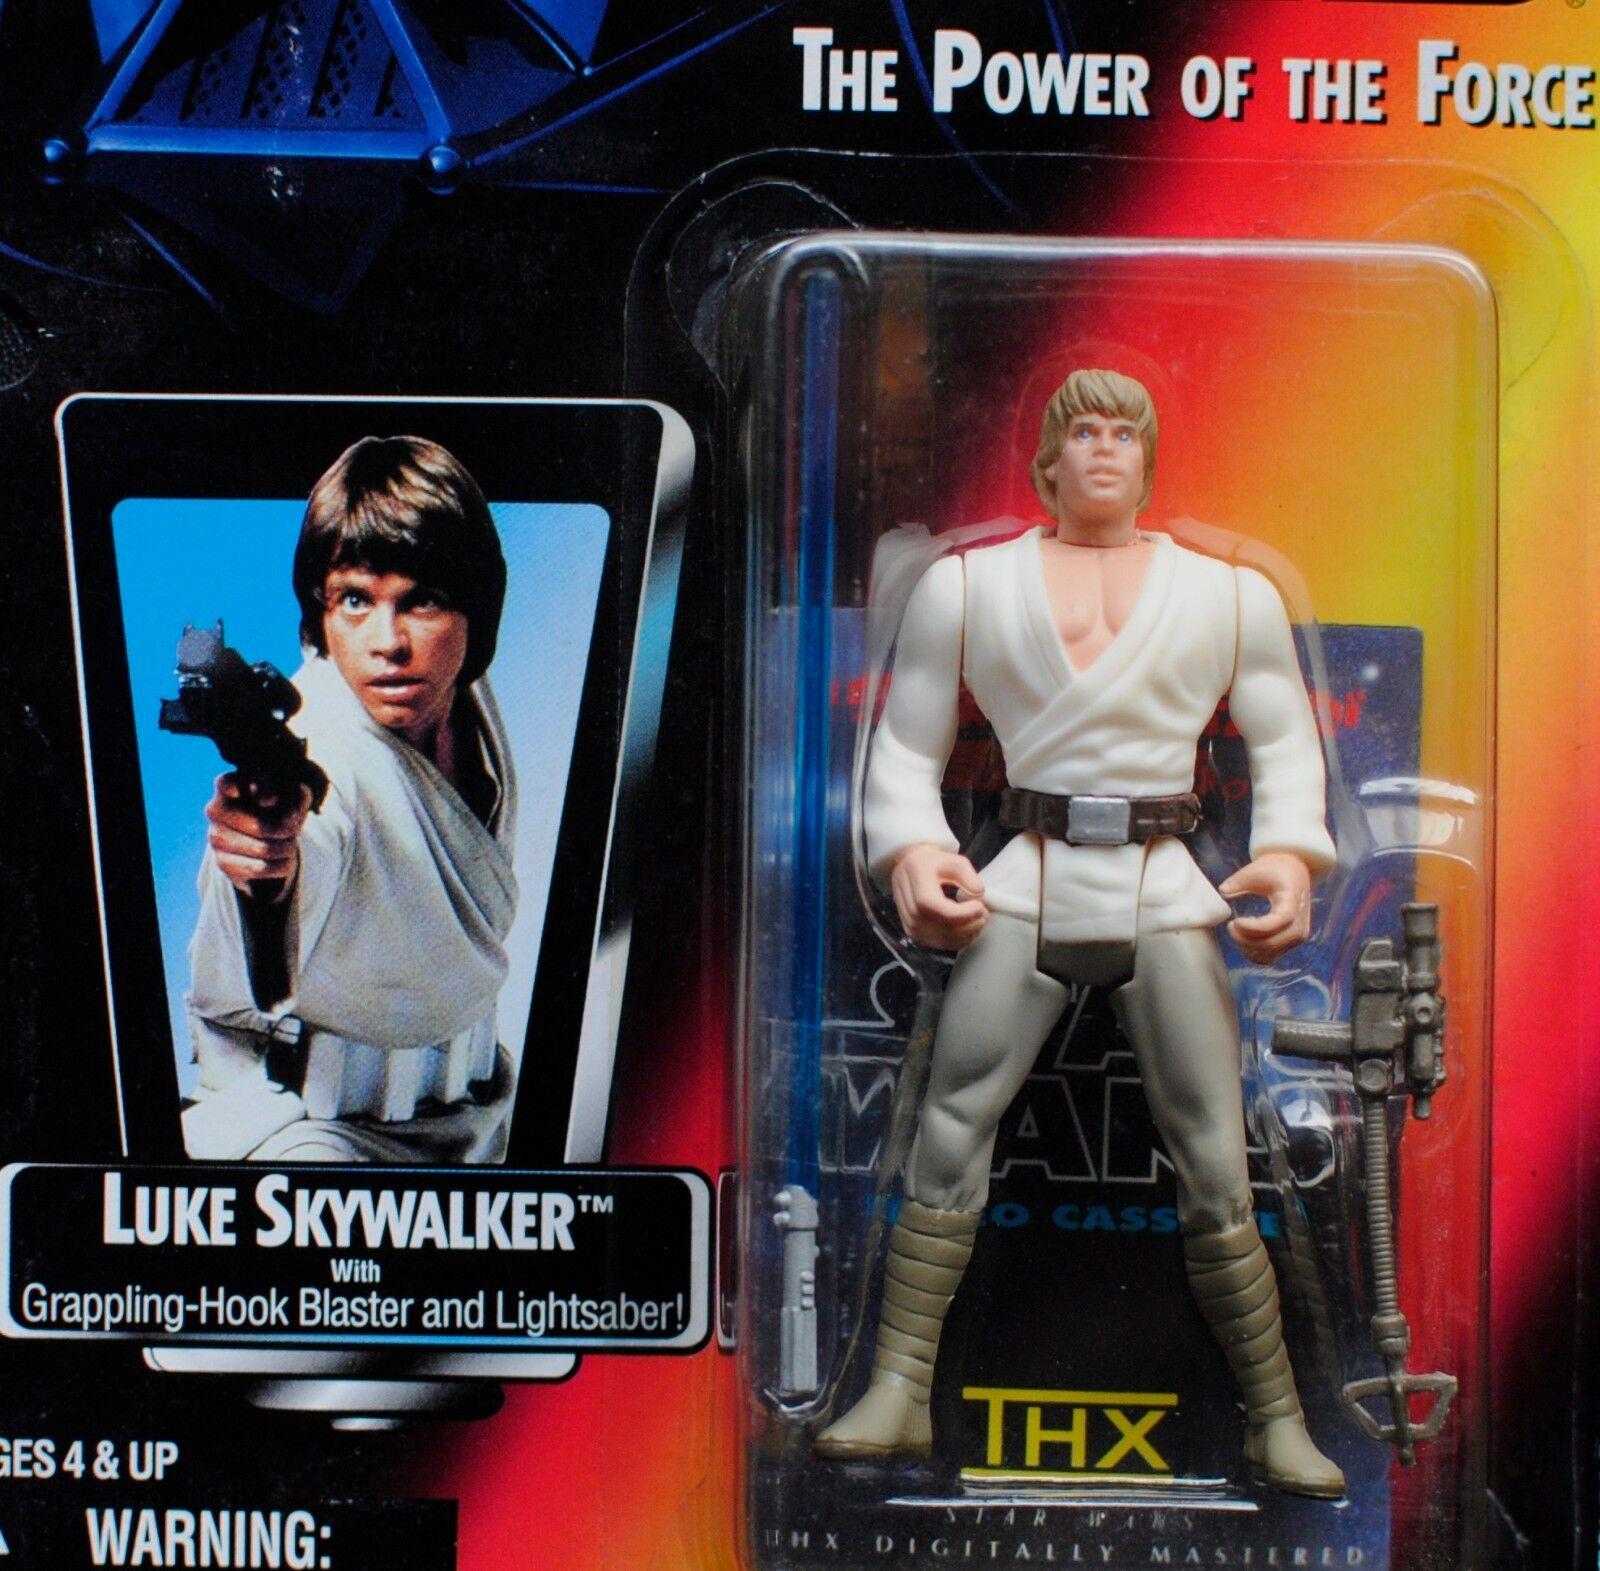 el mas reciente Estrella Estrella Estrella wars poder de la fuerza 2 de Luke Skywalker THX Pegatina de Japón largo sable figura menta en tarjeta Cochedado  clásico atemporal